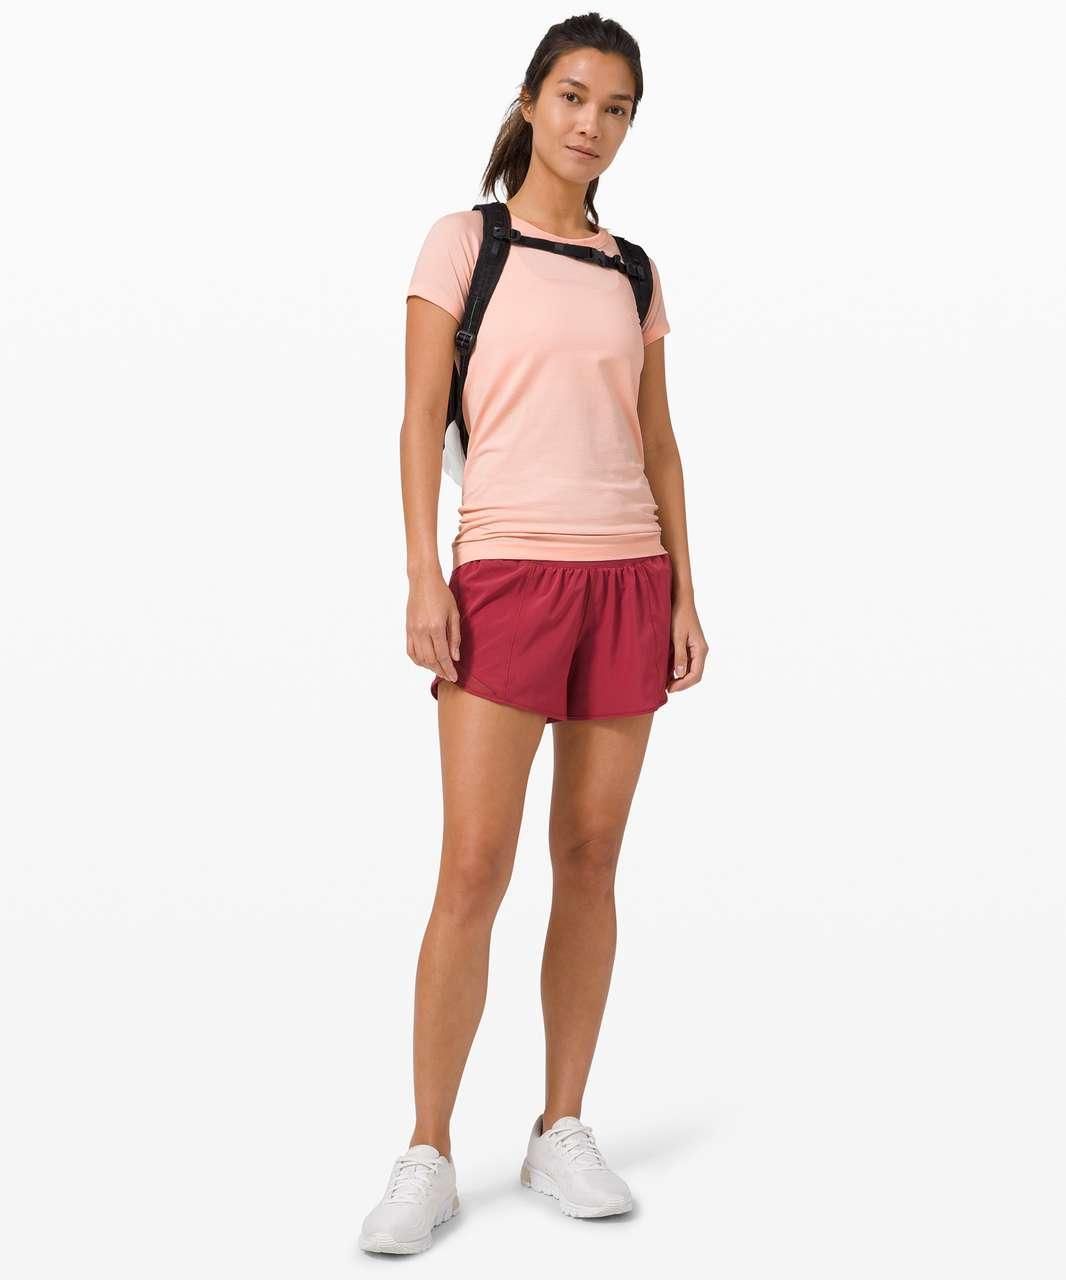 Lululemon Swiftly Tech Short Sleeve 2.0 - Ballet Slipper / White